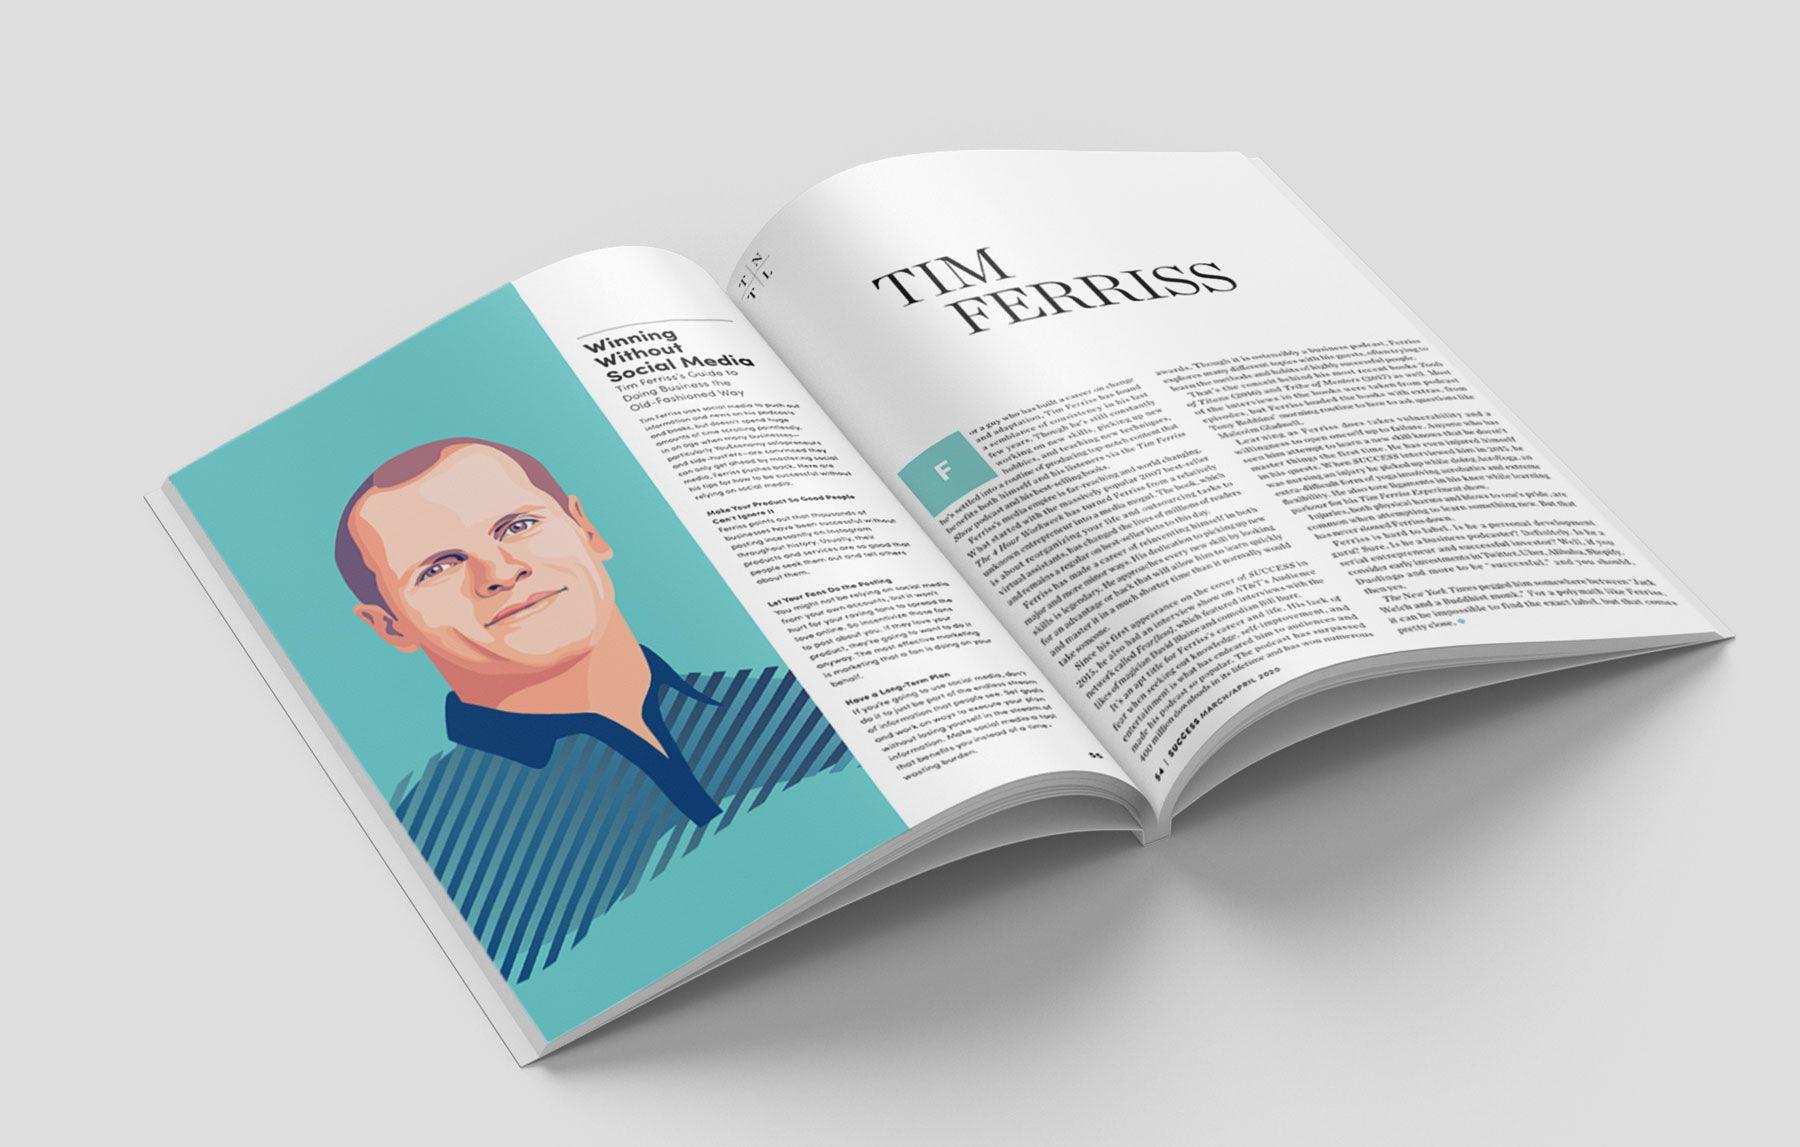 Portrait illustration Tim Ferris success magazine